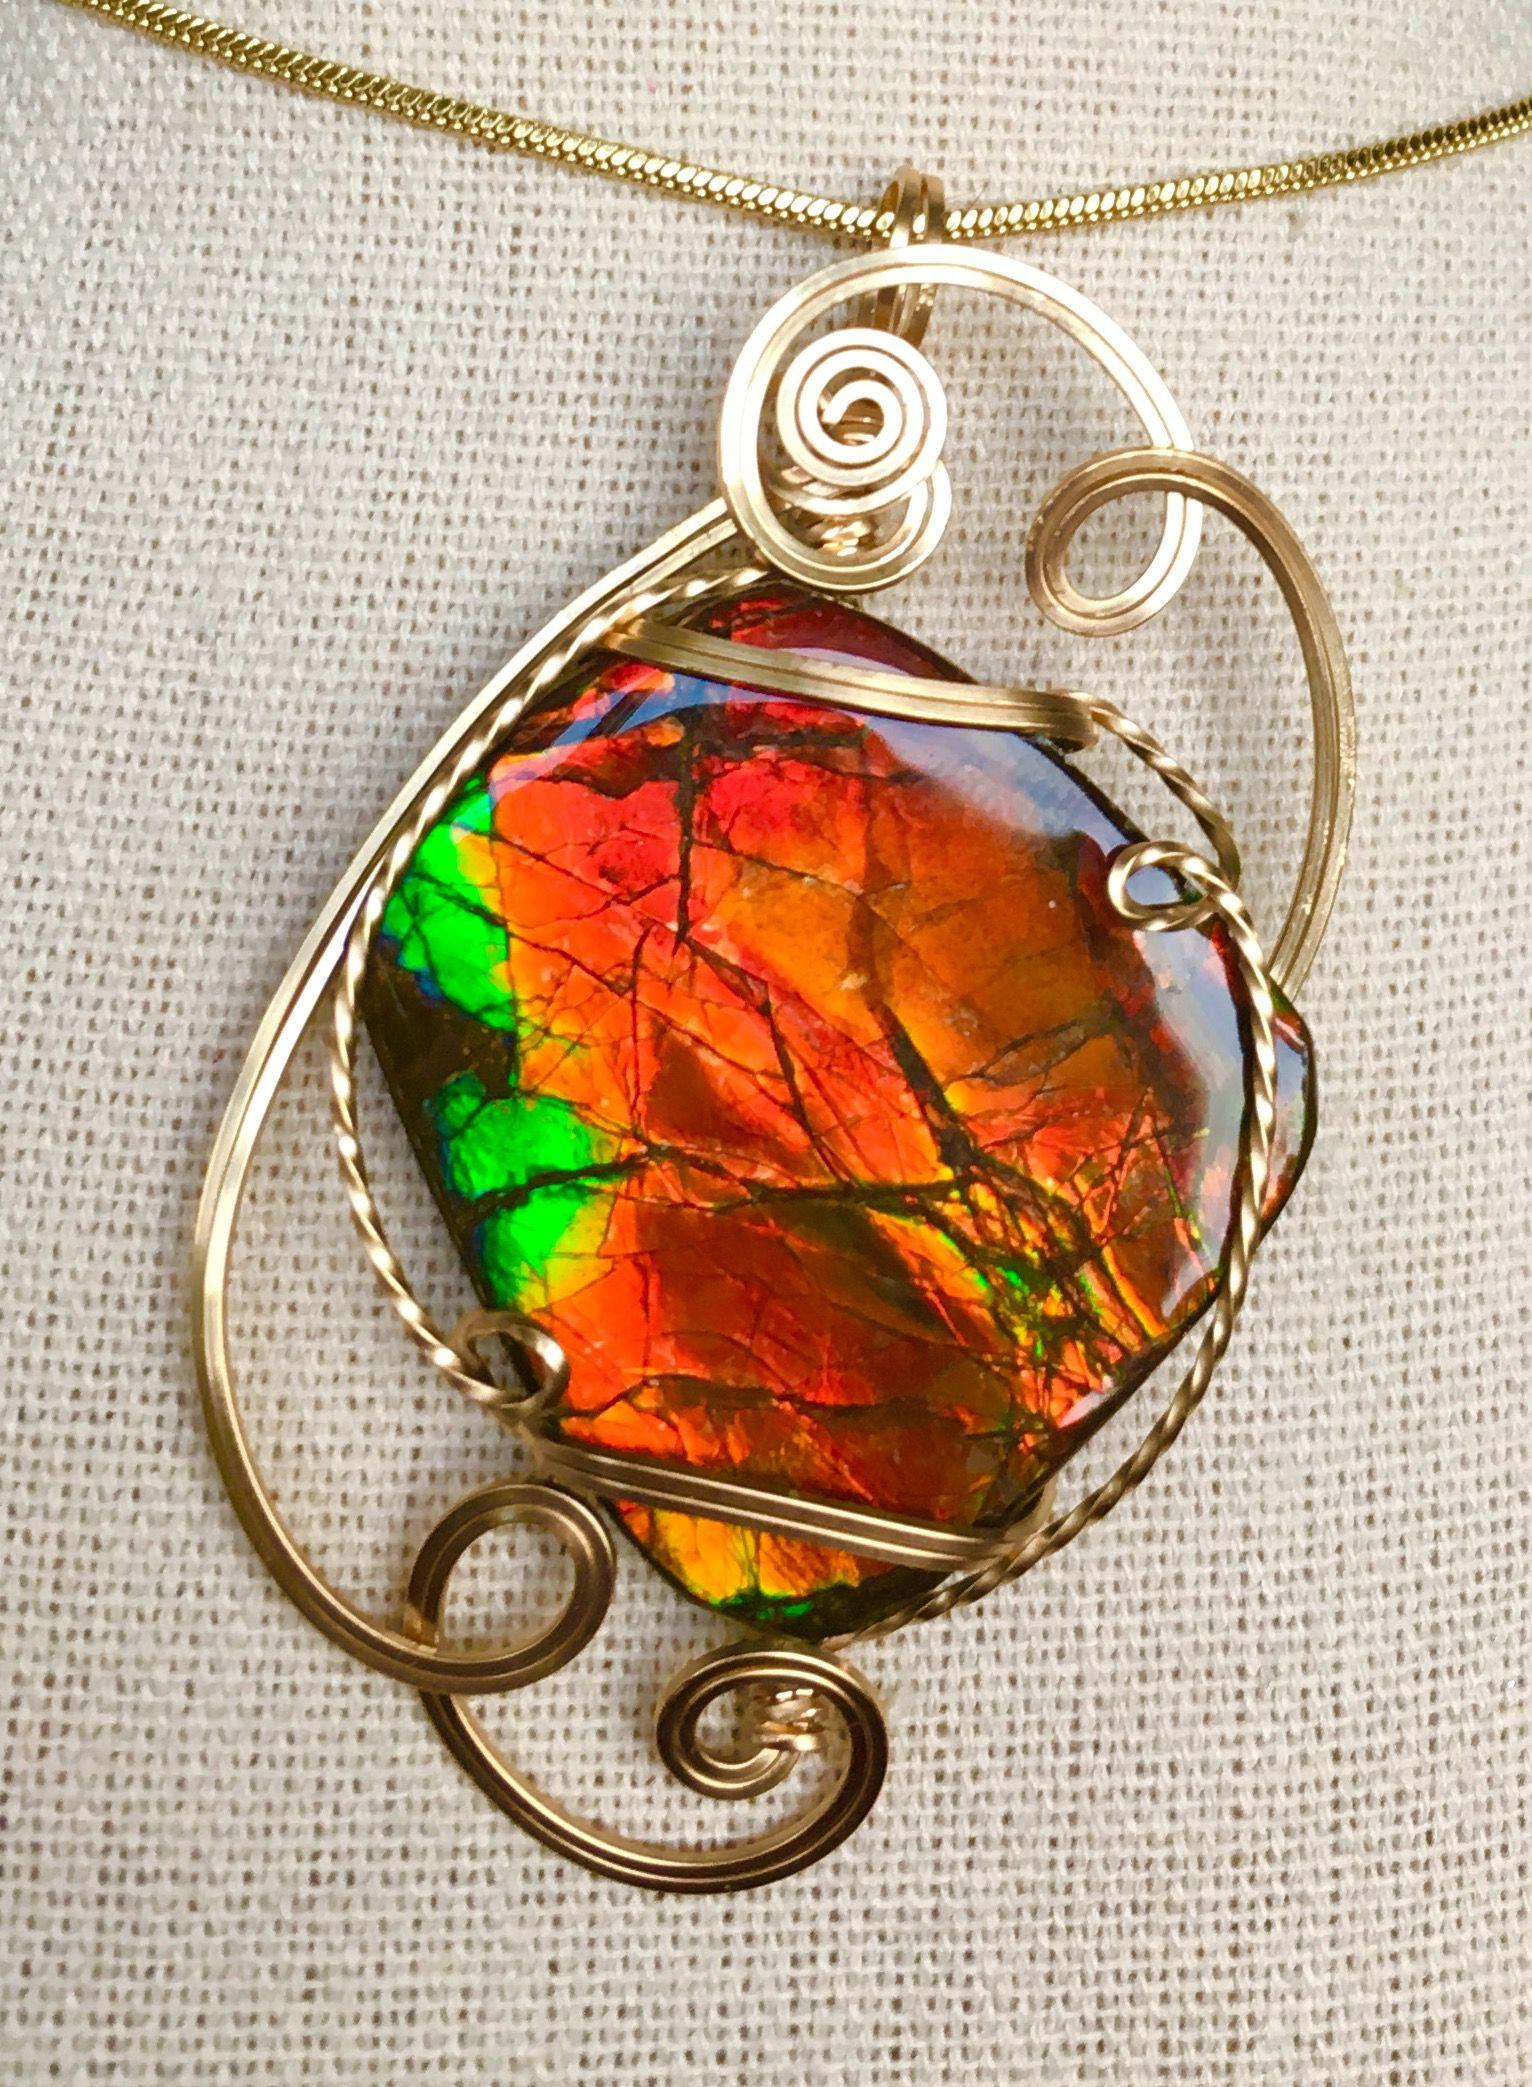 ae0ec18d77c94c Ammolite Jewelry, Canada Eh, Ruby Lane, Gem, Gemstones, Jewels, Gemstone